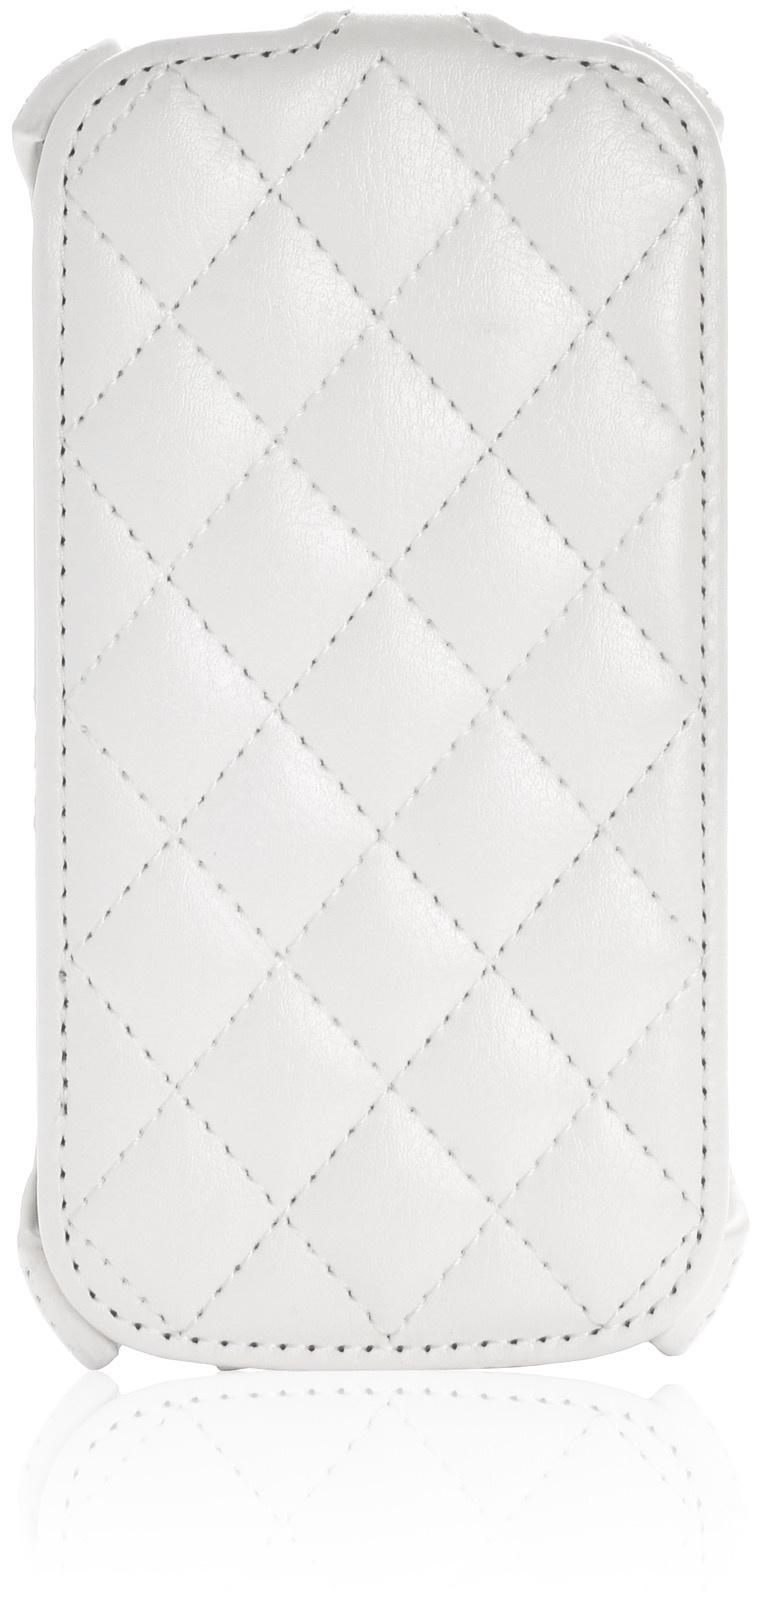 Чехол для сотового телефона Kuchi стежка ORIGINAL для Samsung Galaxy S3, белый